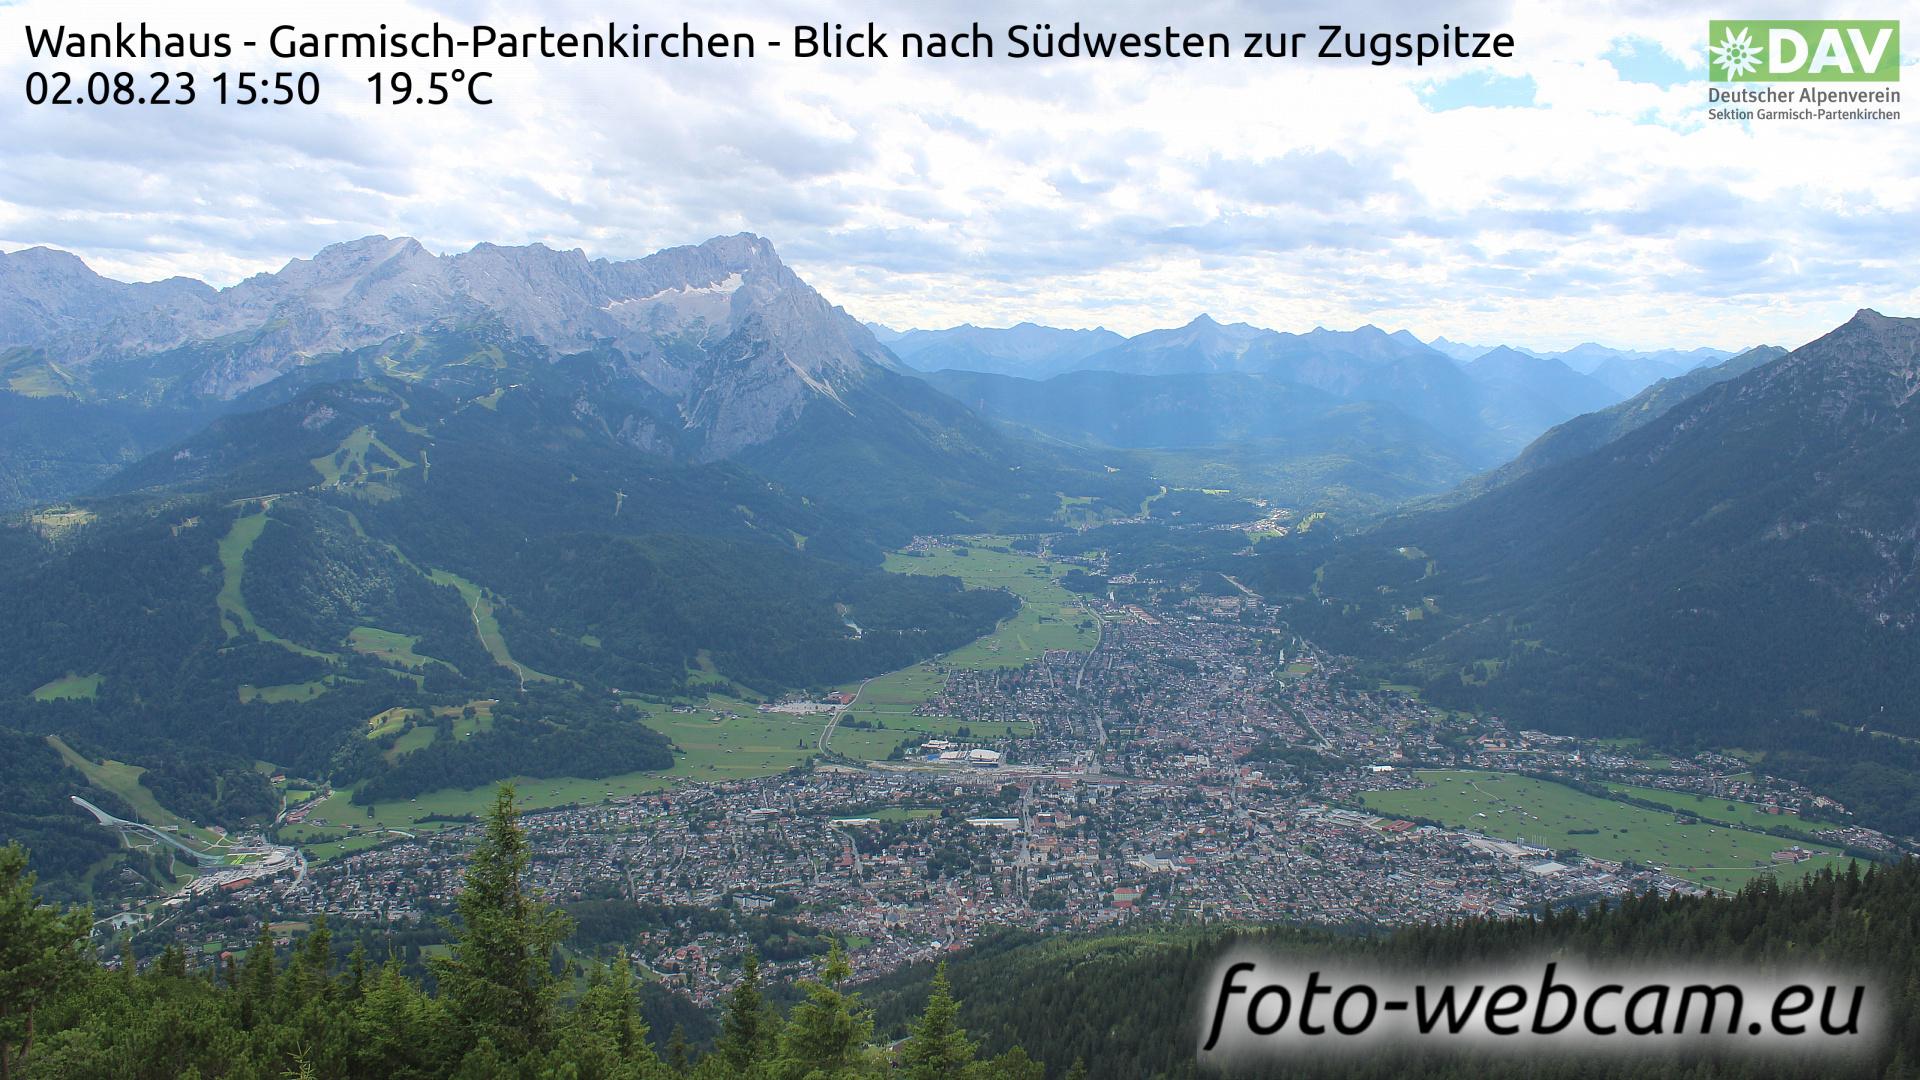 Garmisch-Partenkirchen Mon. 15:52